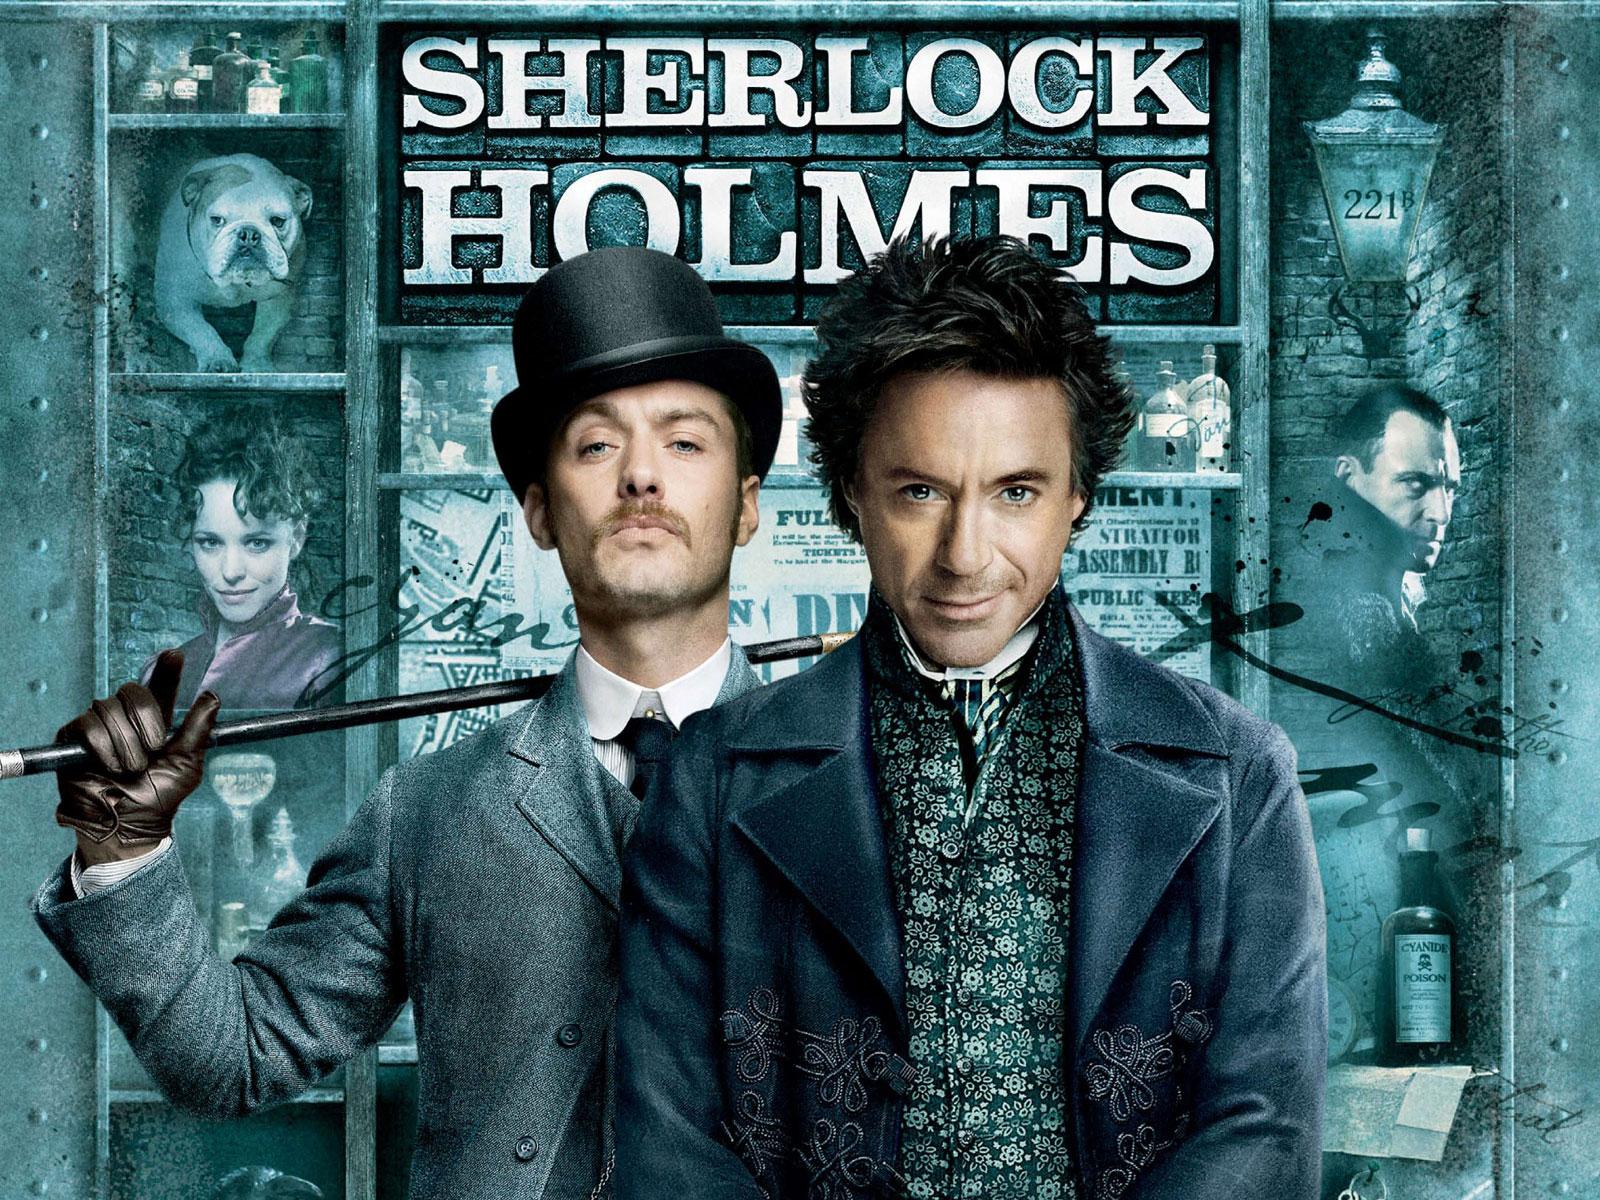 http://2.bp.blogspot.com/-1aAHV08rQEo/TuYUBVCcGWI/AAAAAAAAA64/5jKcHMfcBnY/s1600/sherlock_holmes_movie_poster-normal.jpg